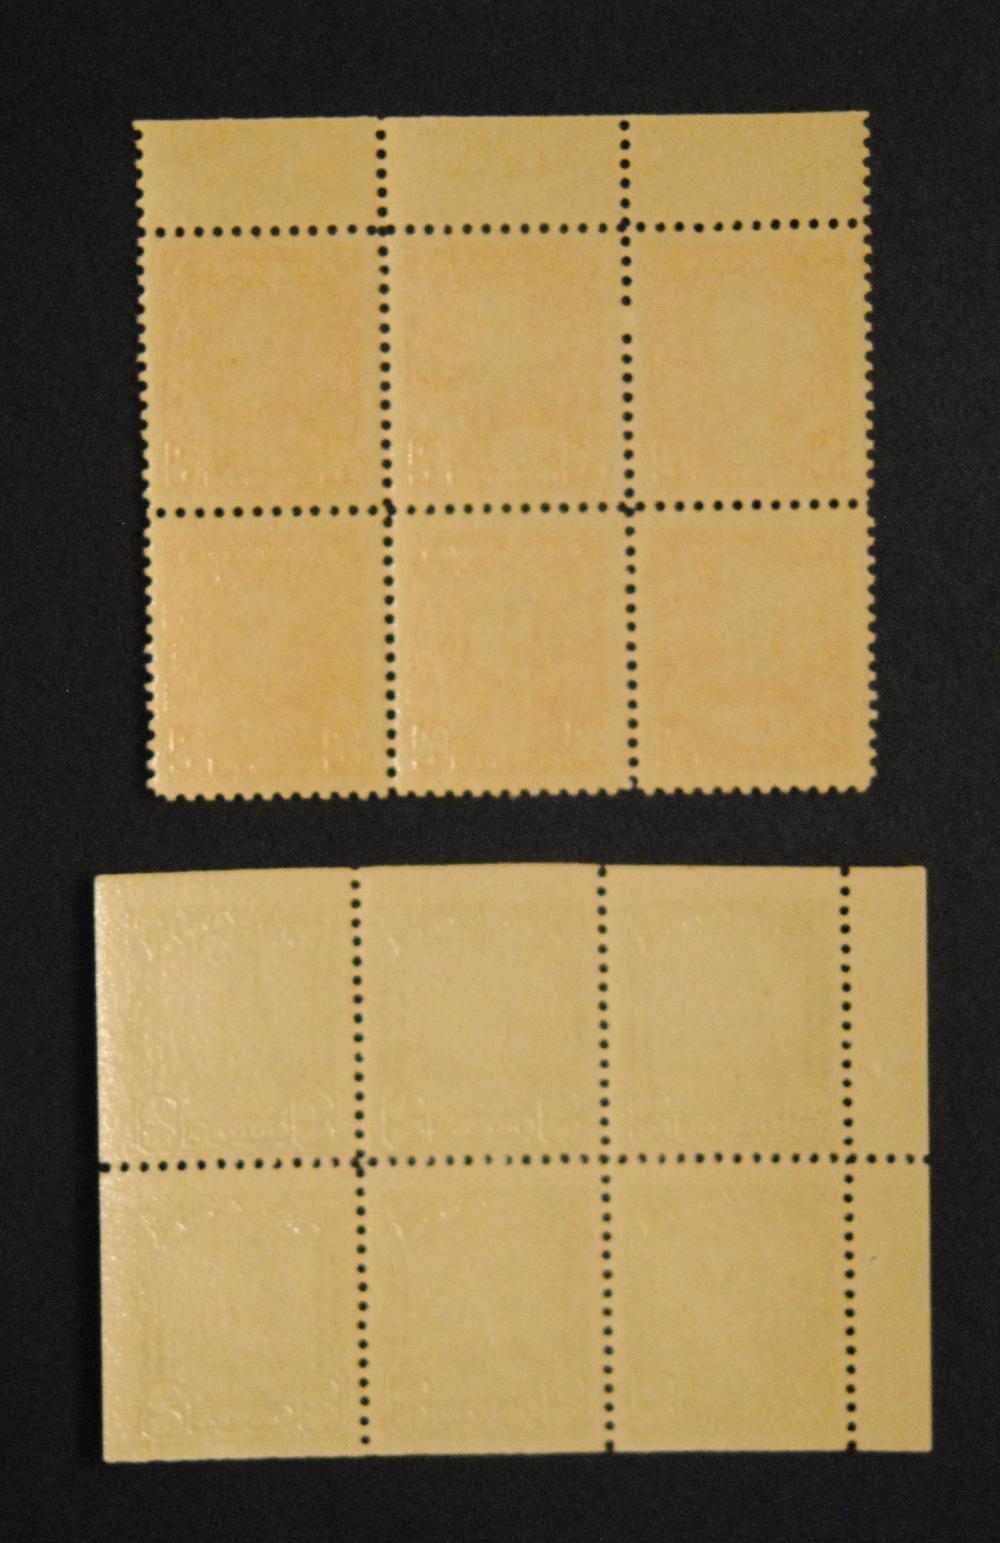 Canada 8c Block of 6 S/C #222, 2c Block of 6 S/C #150a